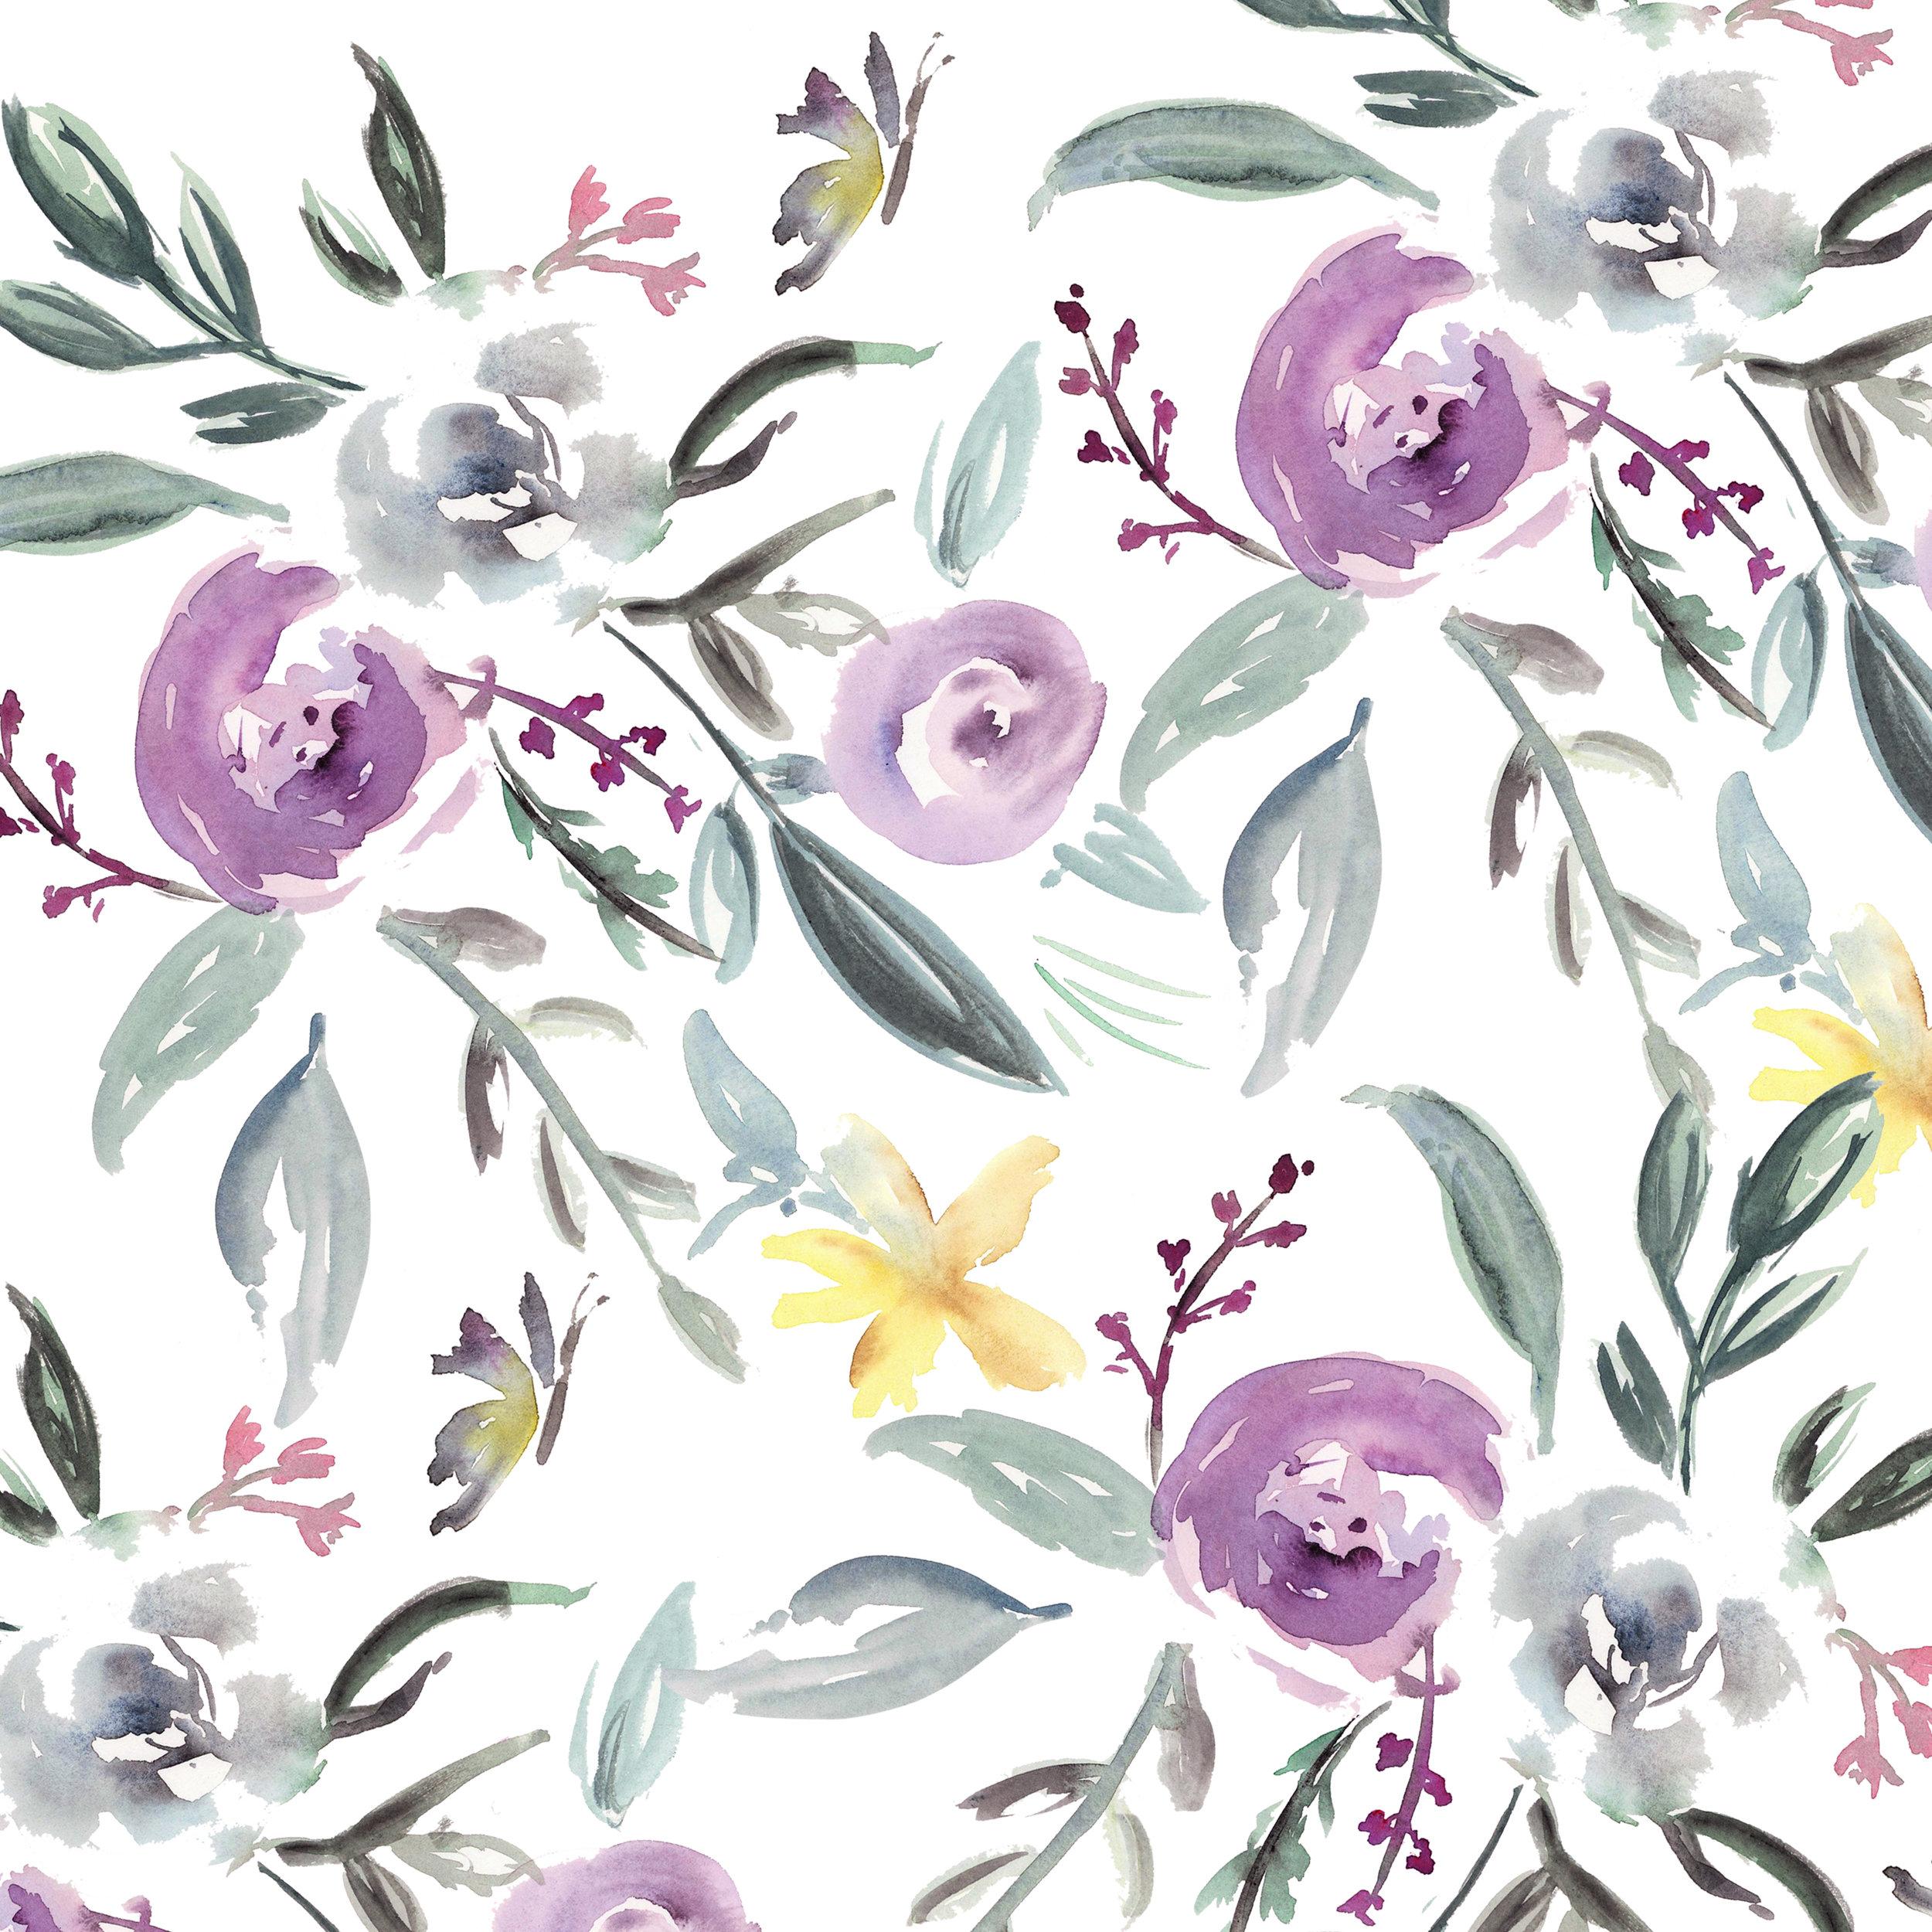 purplegreenflorapattern.jpg